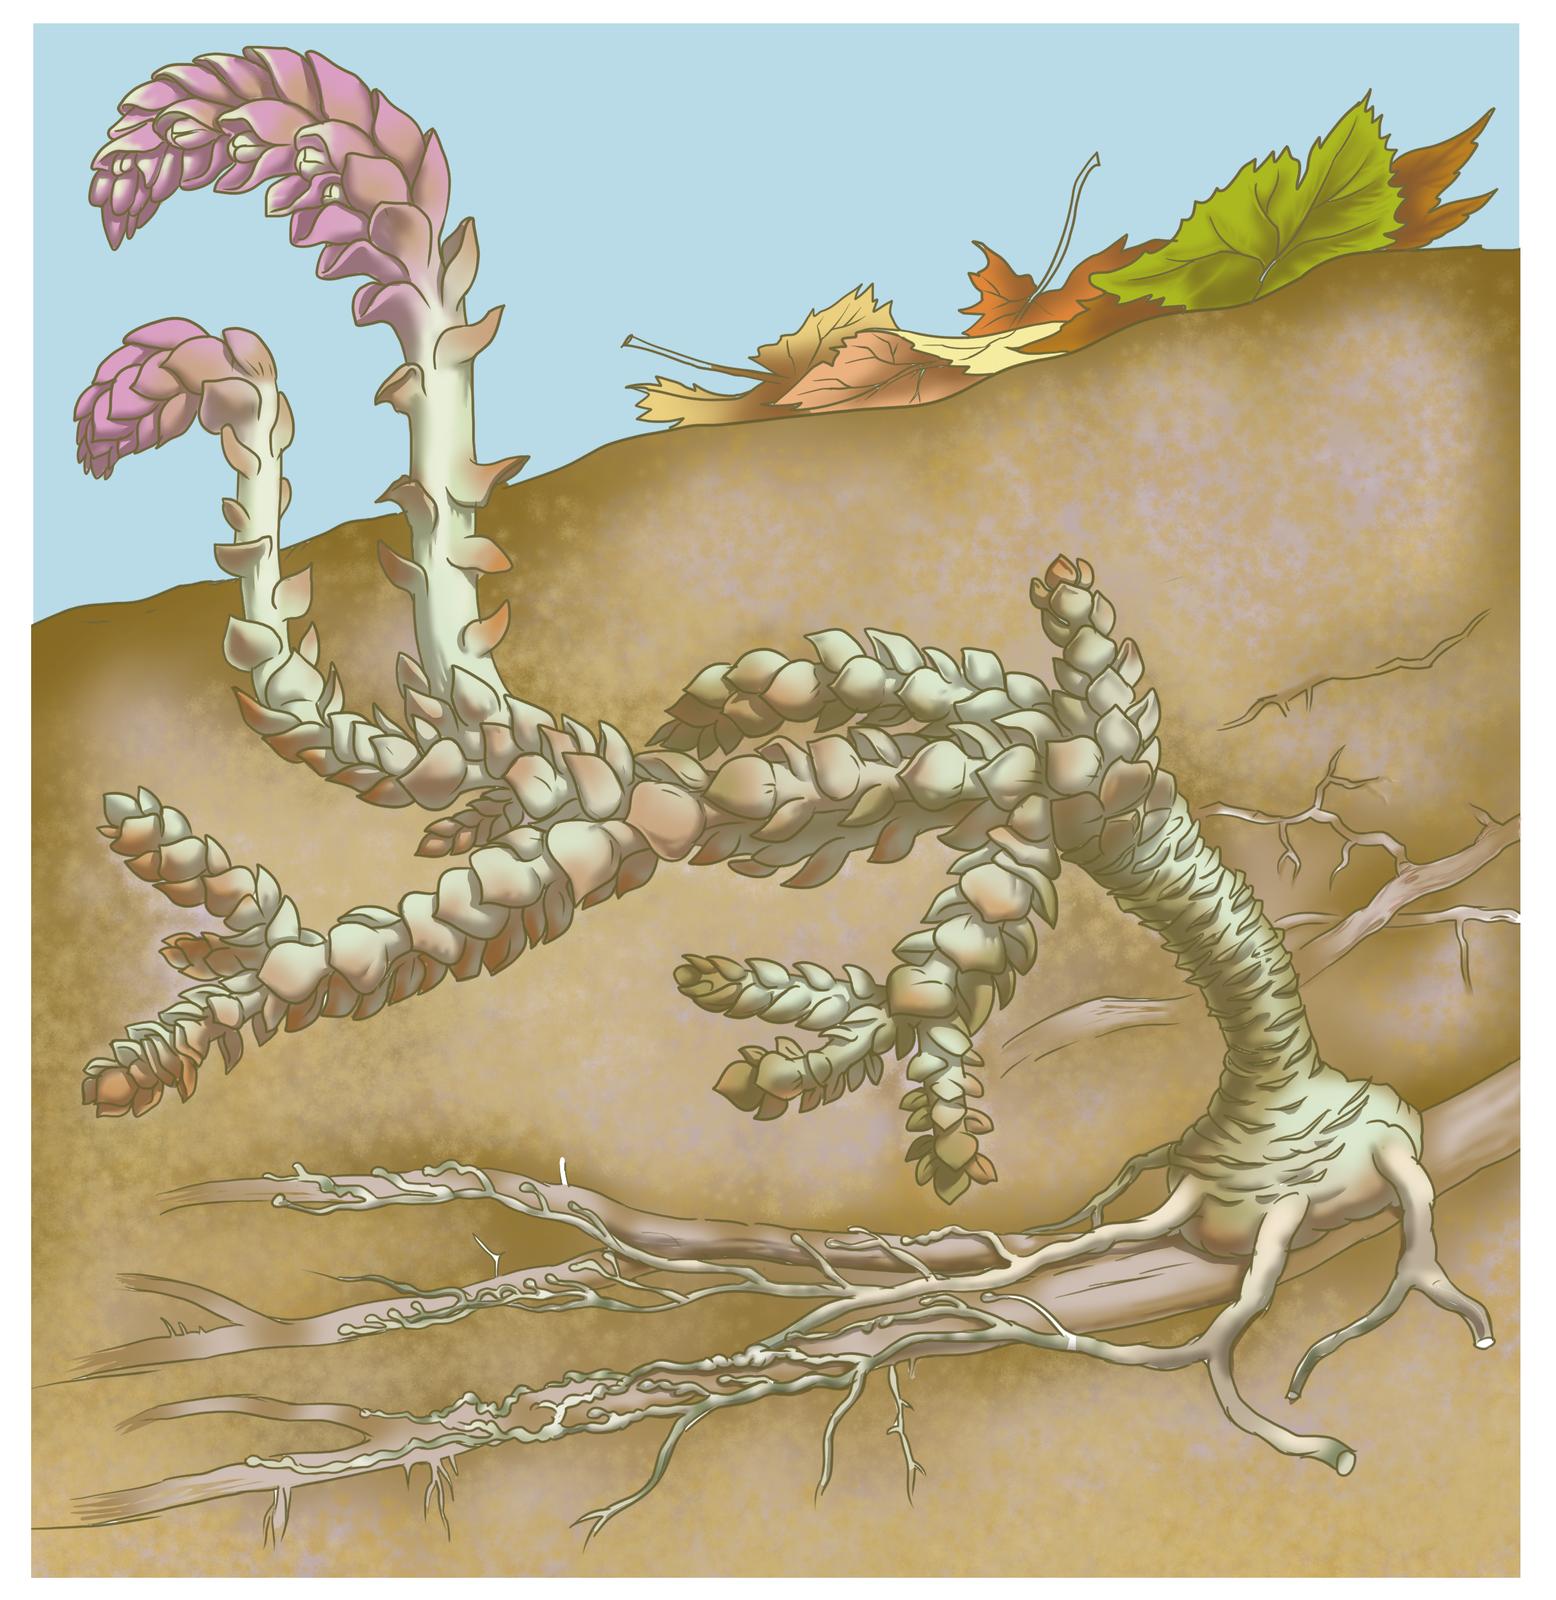 Rysunek przedstawia przekrój przez jasnobrązową glebę pod drzewem. Wziemi rośnie szary korzeń drzewa. Na nim wrośnięty pasożyt roślinny, łuskiewnik różowy. Łuskiewnik ma grubą łodygę iłuskowate, białawe liście. Wyrasta nad ziemię itam łuski są liliowe, amiędzy nimi drobne jasne kwiaty.